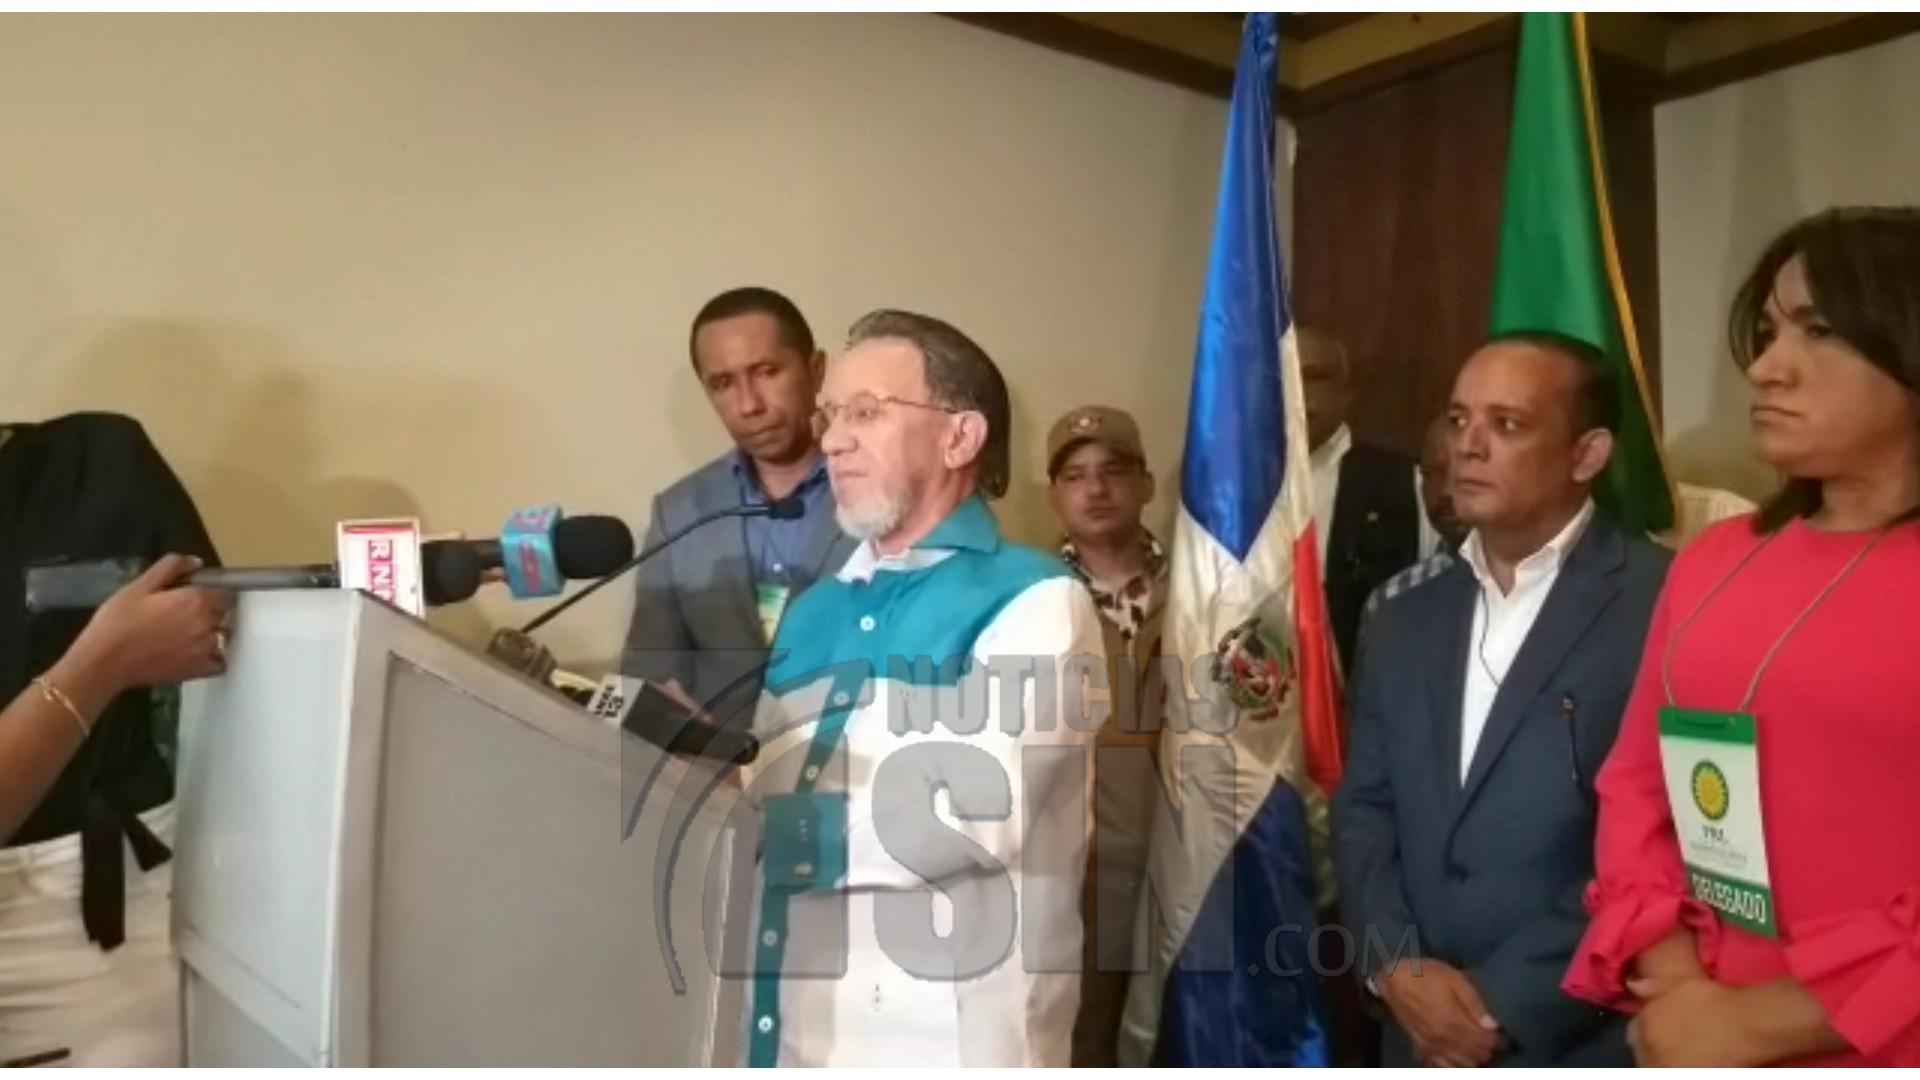 Aristy Castro: Aunque Gonzálo Castillo es un gran amigo, todavía el PLR no ha definido si continuará aliado al PLD